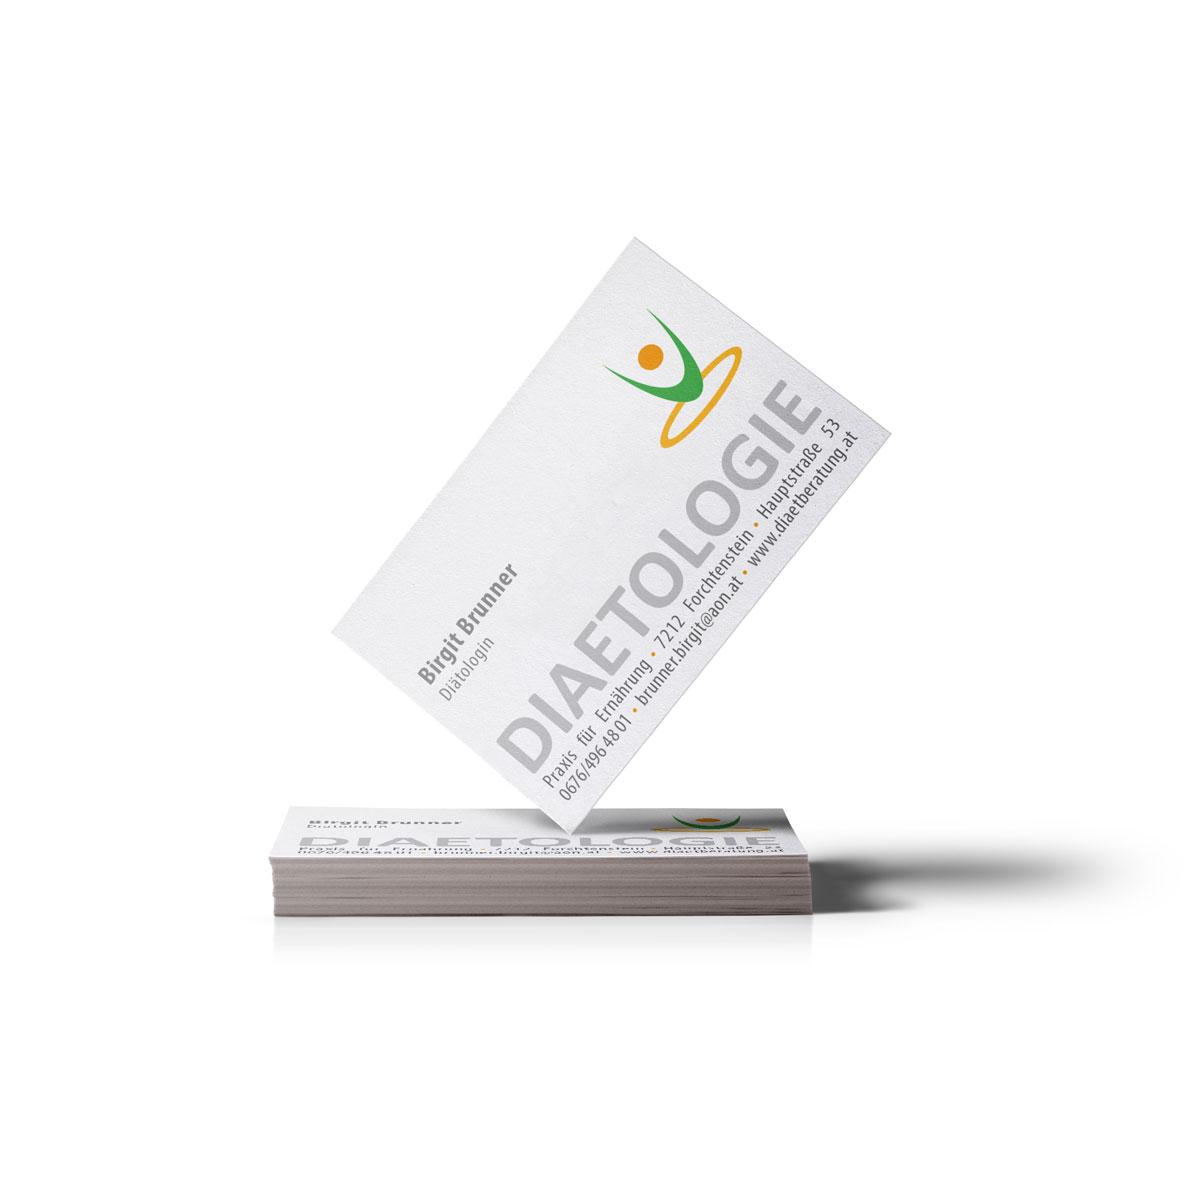 Visitenkarte, Design und Drucksorte, Burgenland